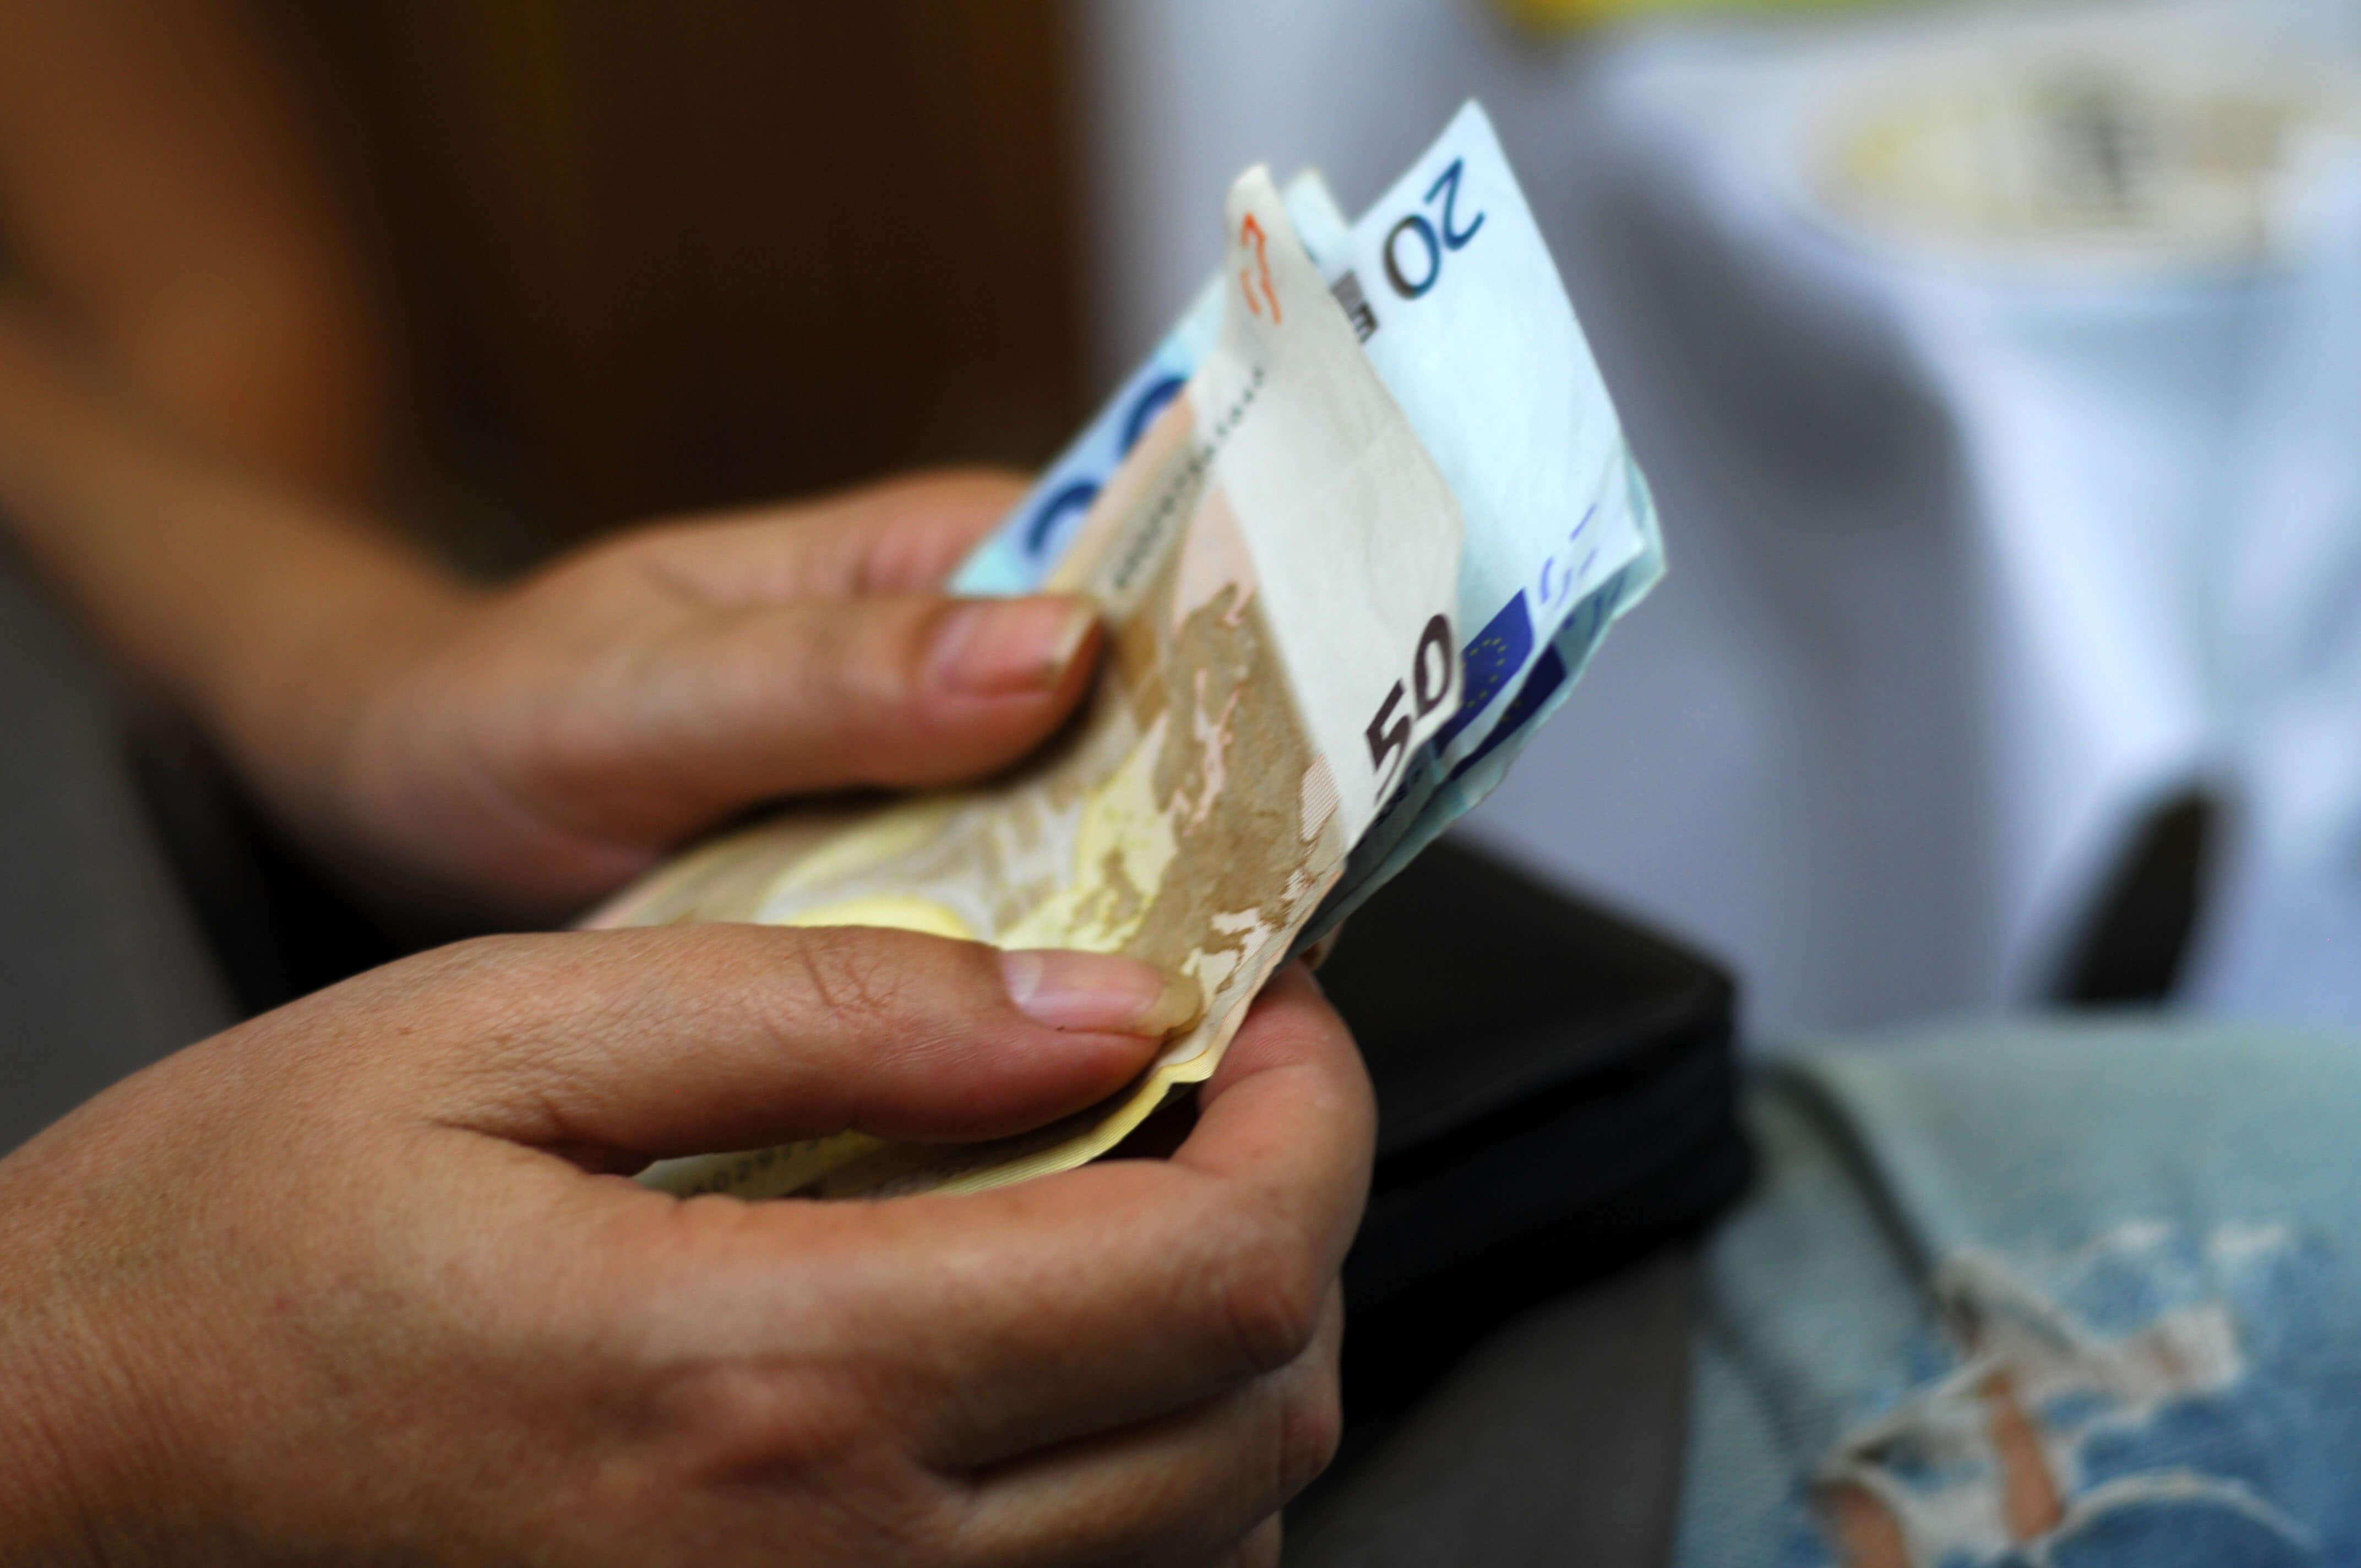 Επίδομα ενοικίου: Ανοίγει η πλατφόρμα – Από 70 έως 210 ευρώ το μήνα [πίνακες]